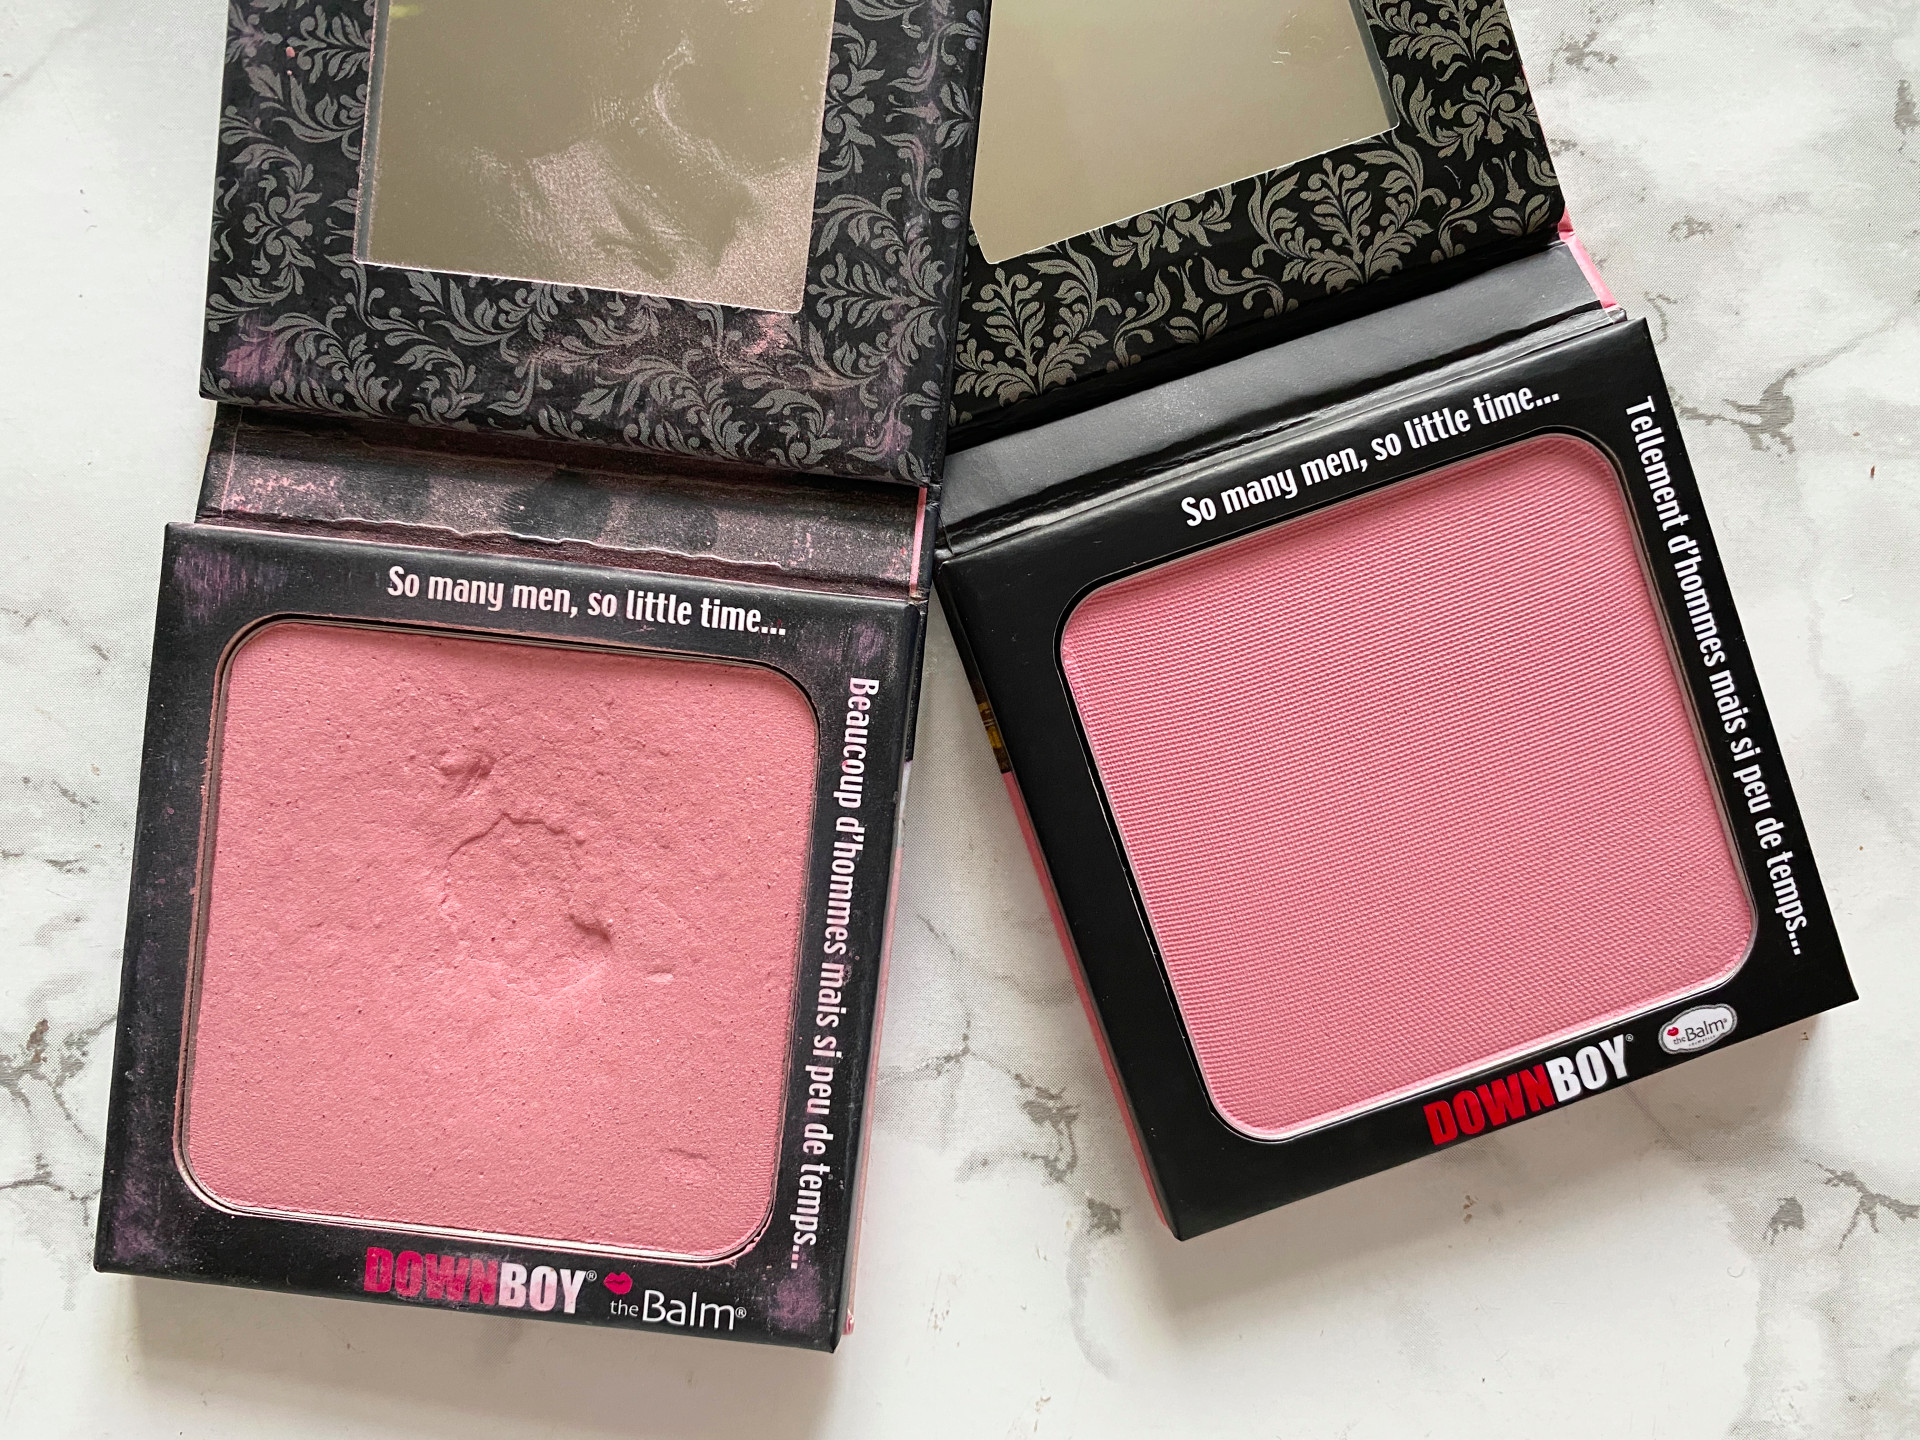 the balm down boy blush blusher review